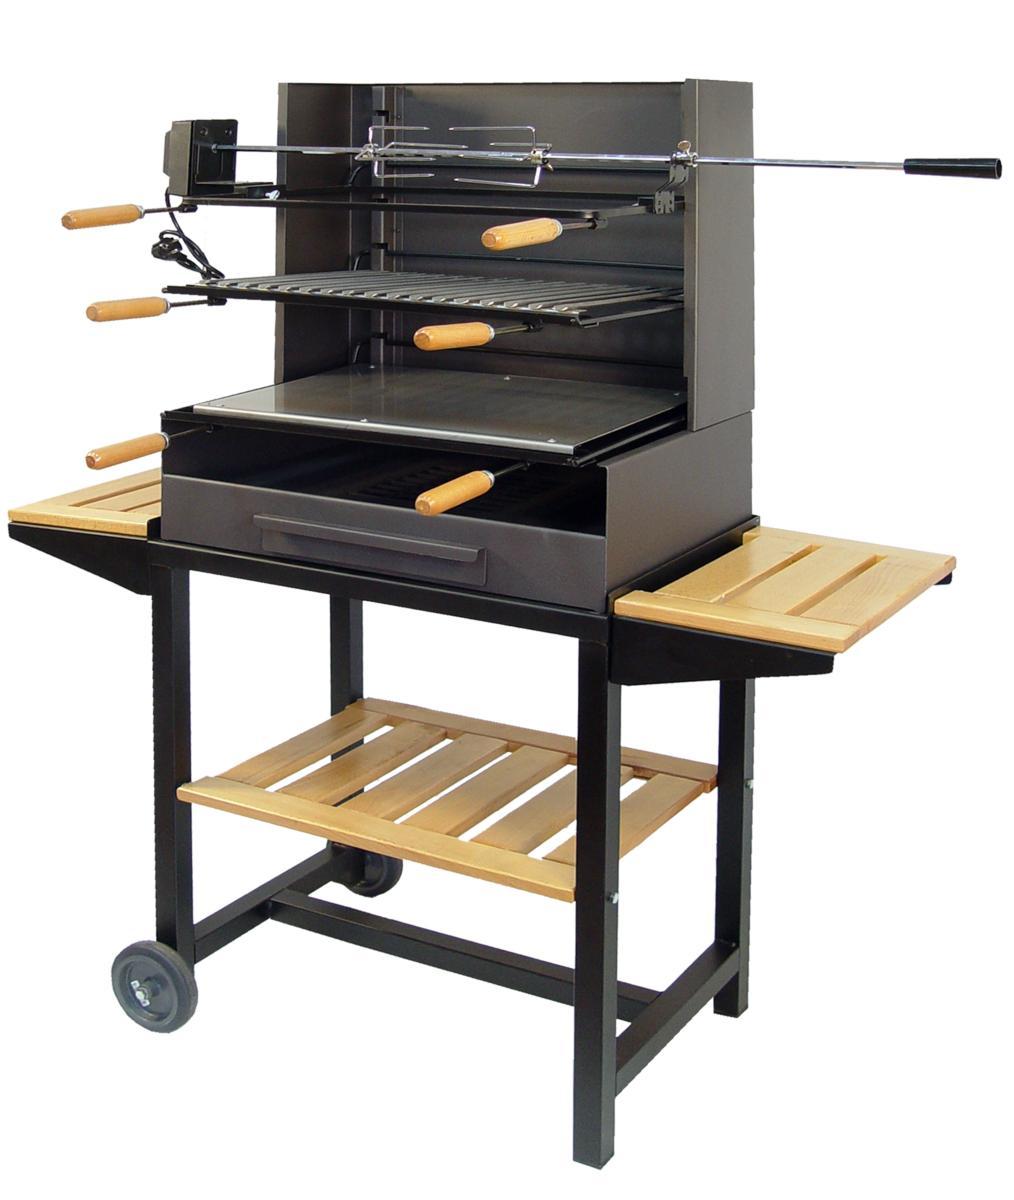 barbecue avec grille plancha et tournebroche sur roulette. Black Bedroom Furniture Sets. Home Design Ideas